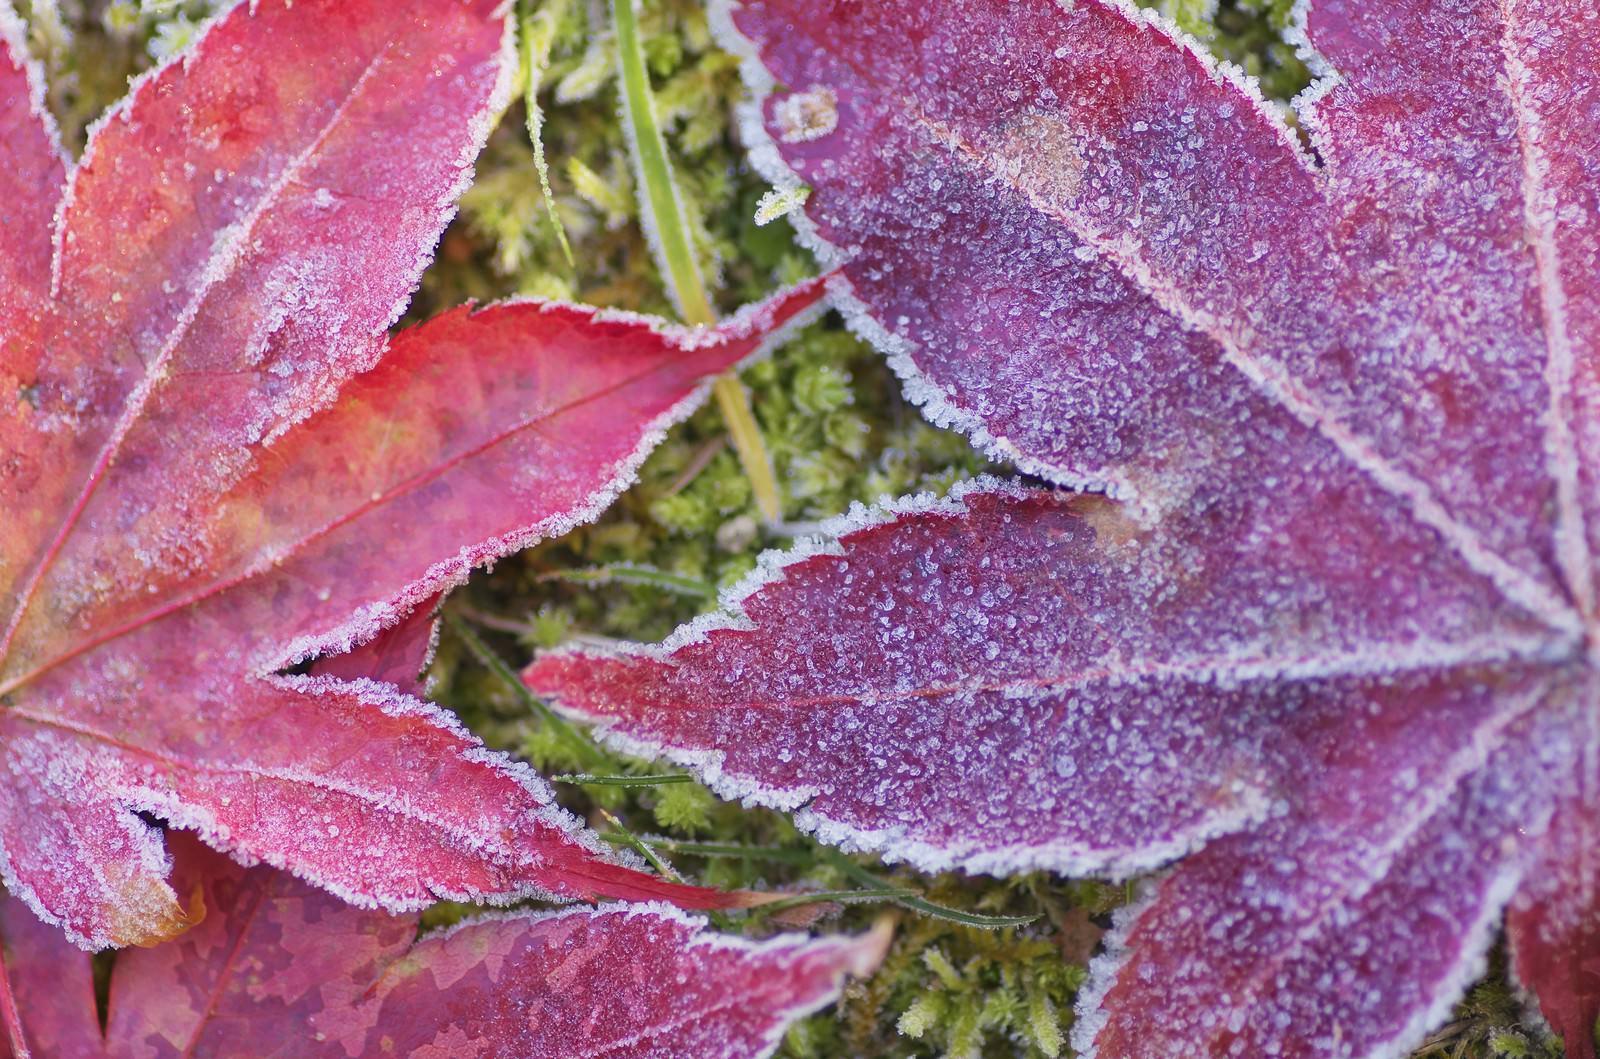 「凍った落ち葉」の写真